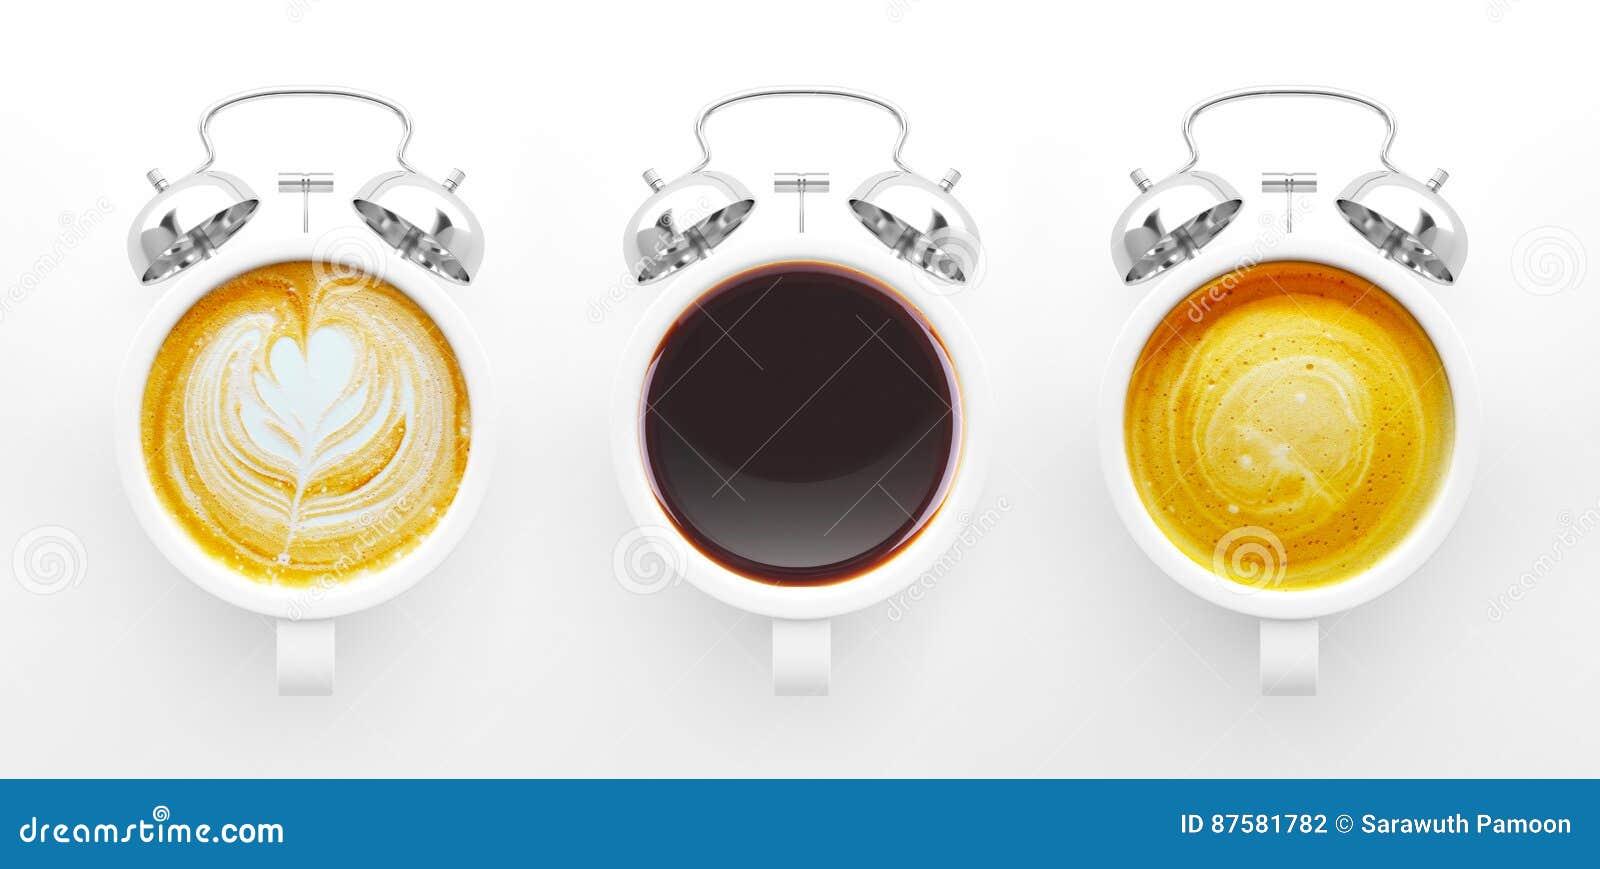 KaffeTid begrepp